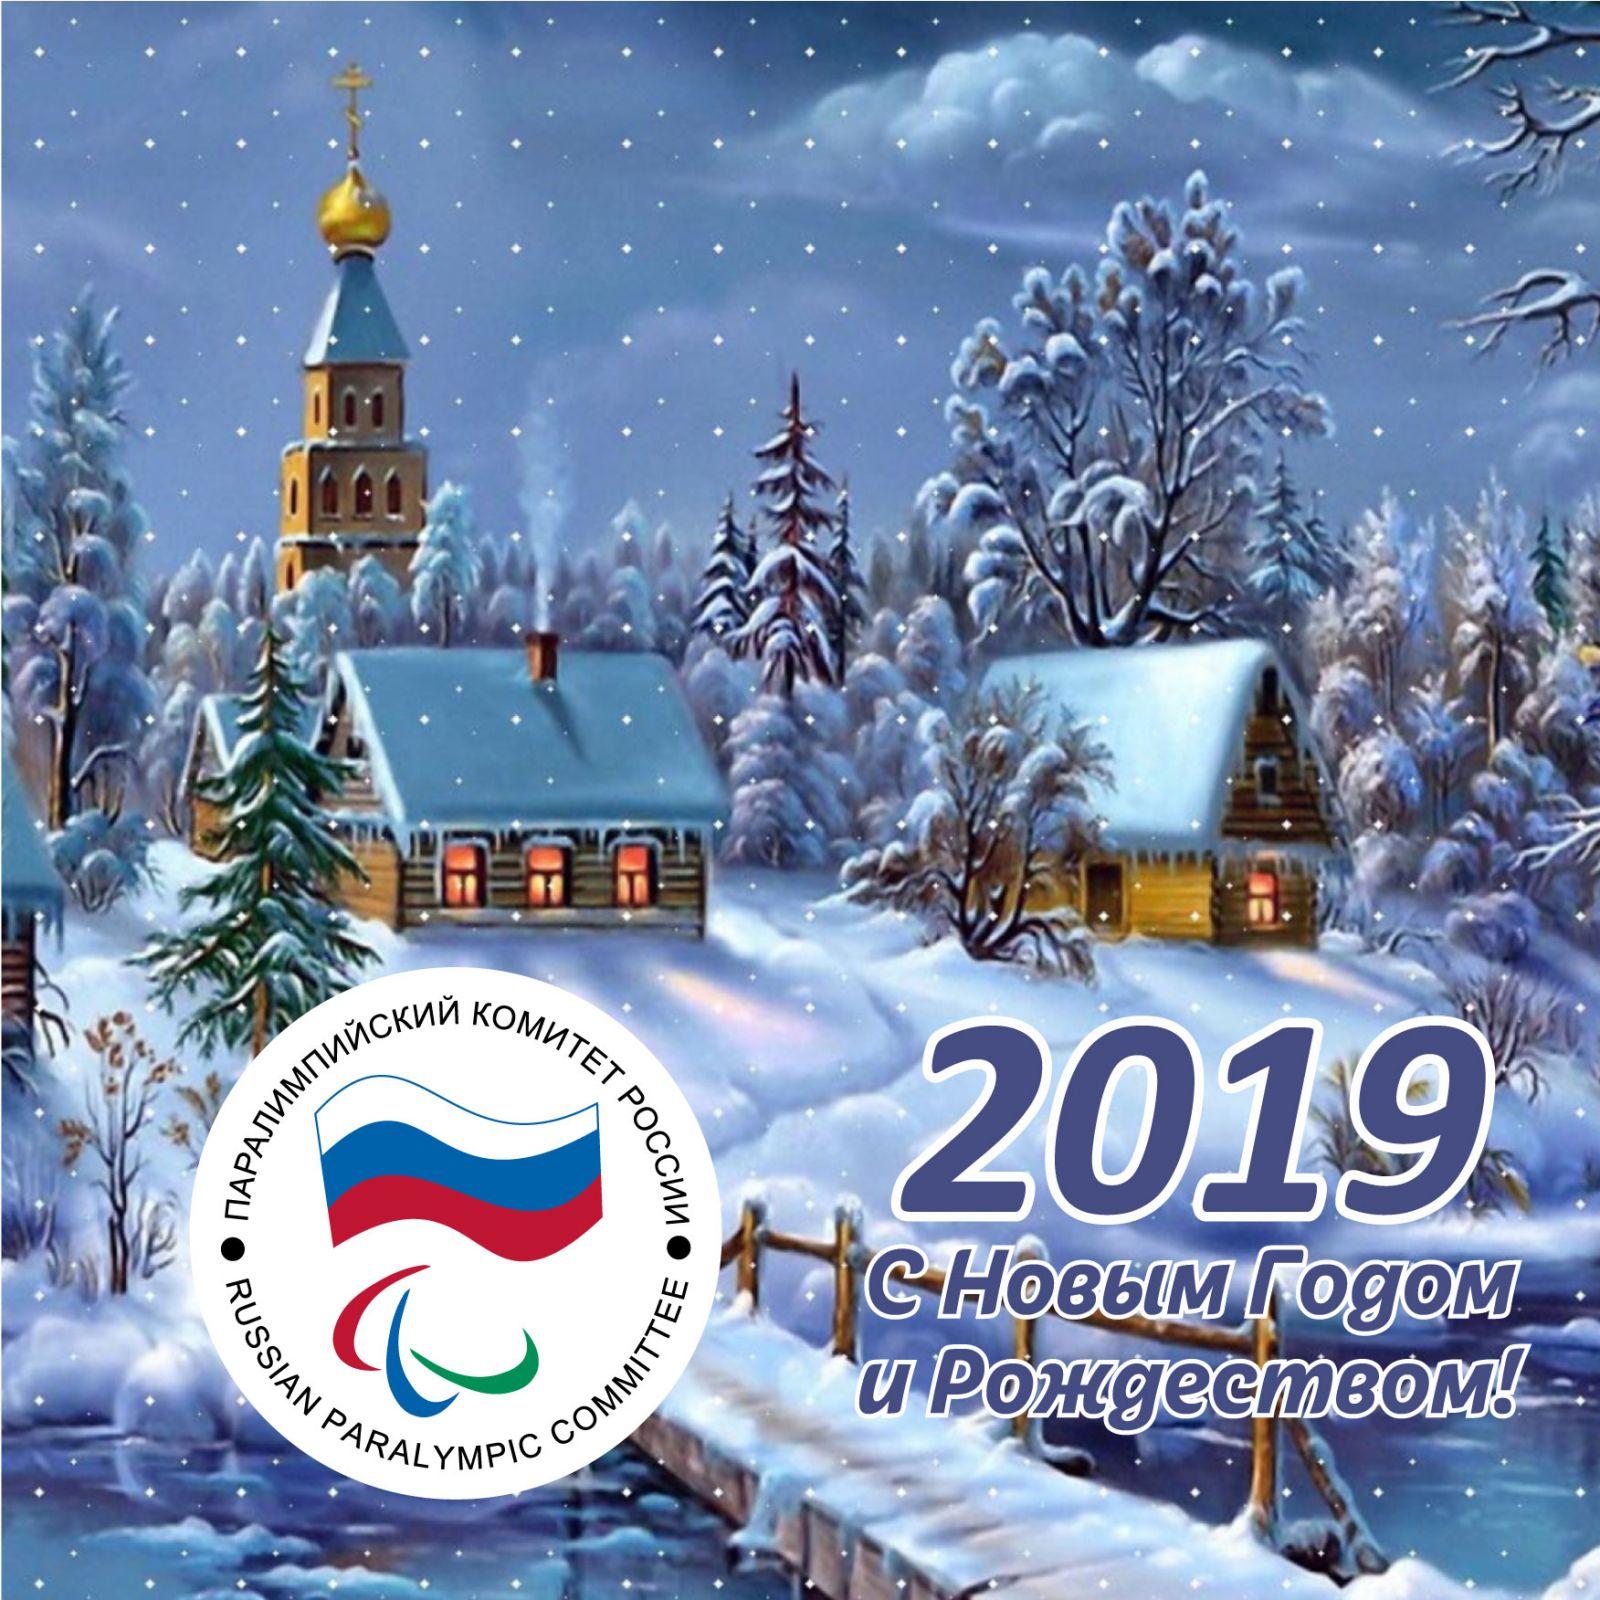 Поздравление президента ПКР В.П. Лукина с Новым 2019 годом